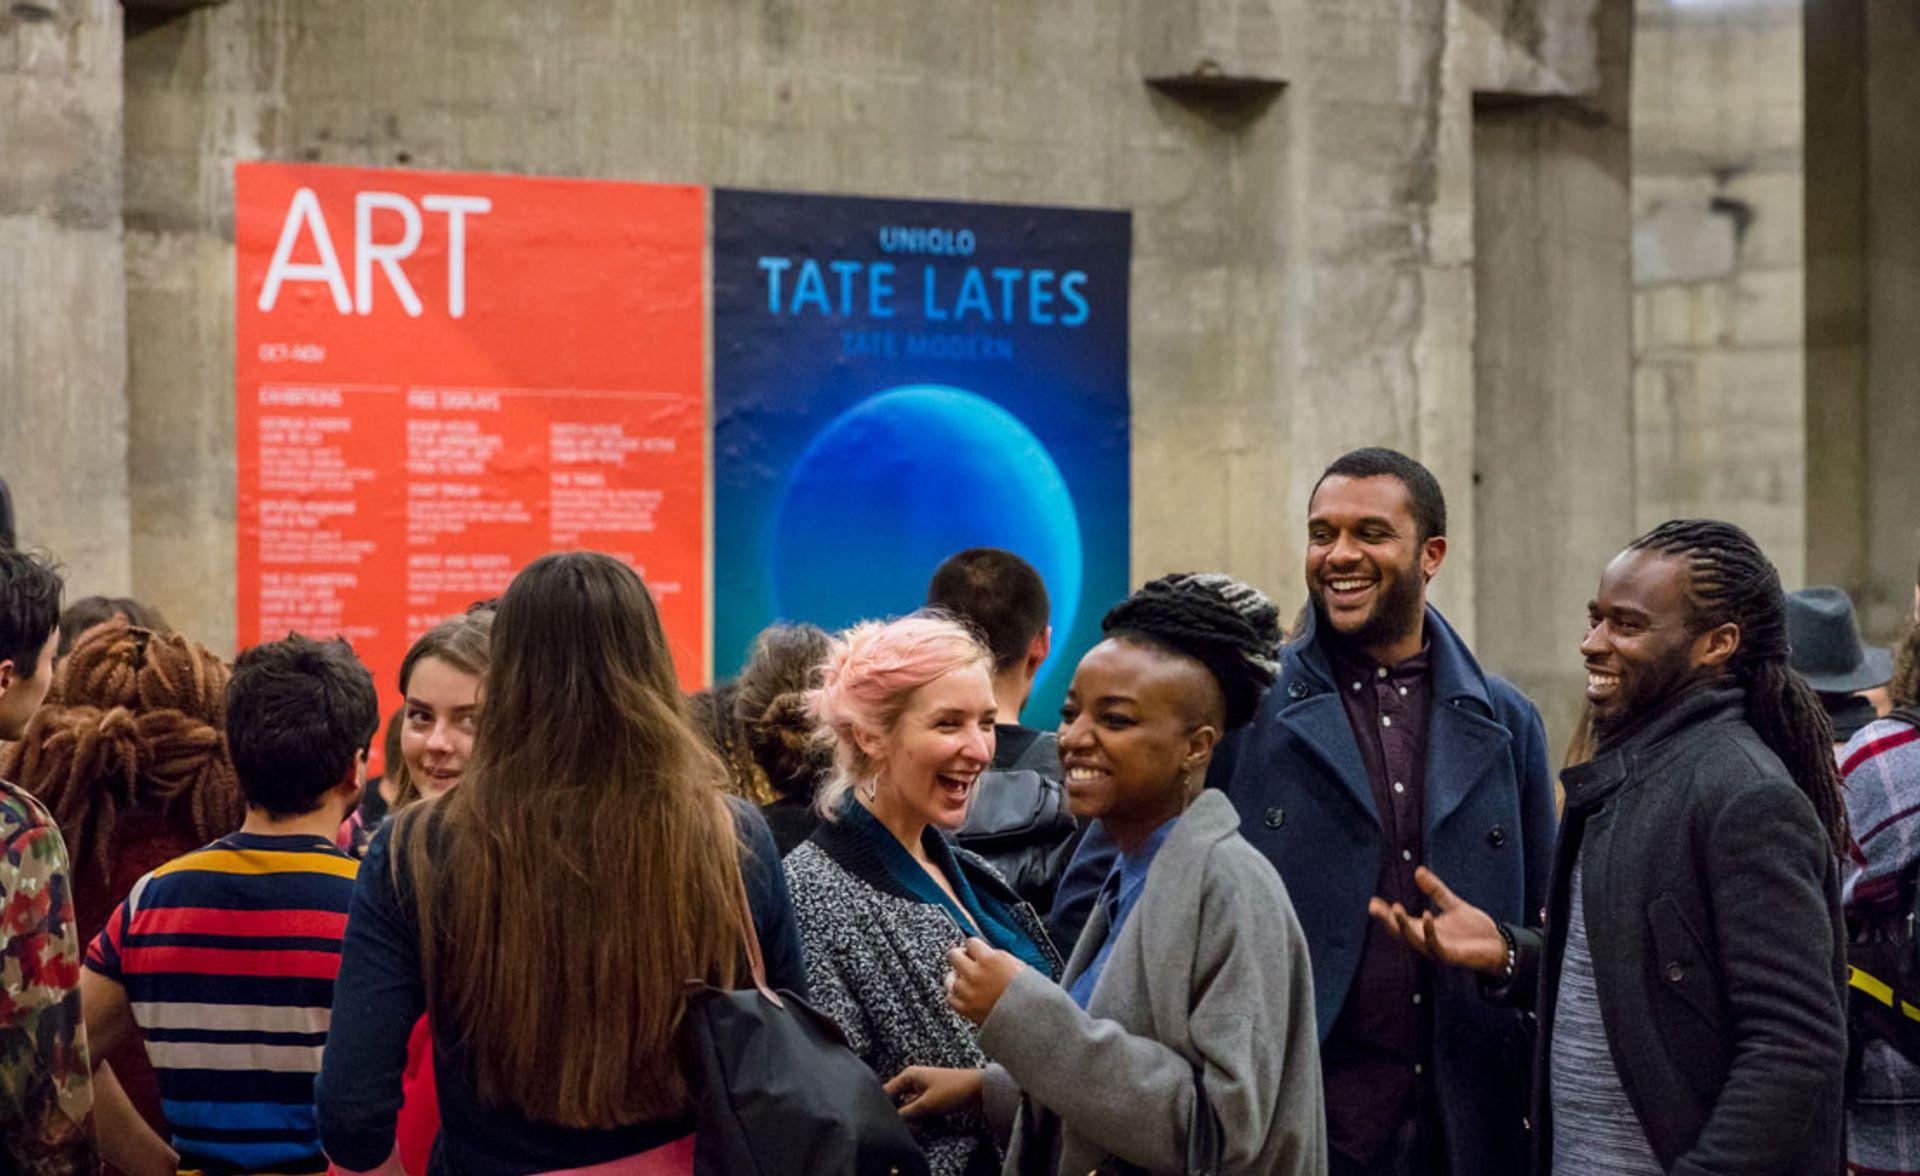 Uniqlo Tate Late Tate. Photo: Dan Weill